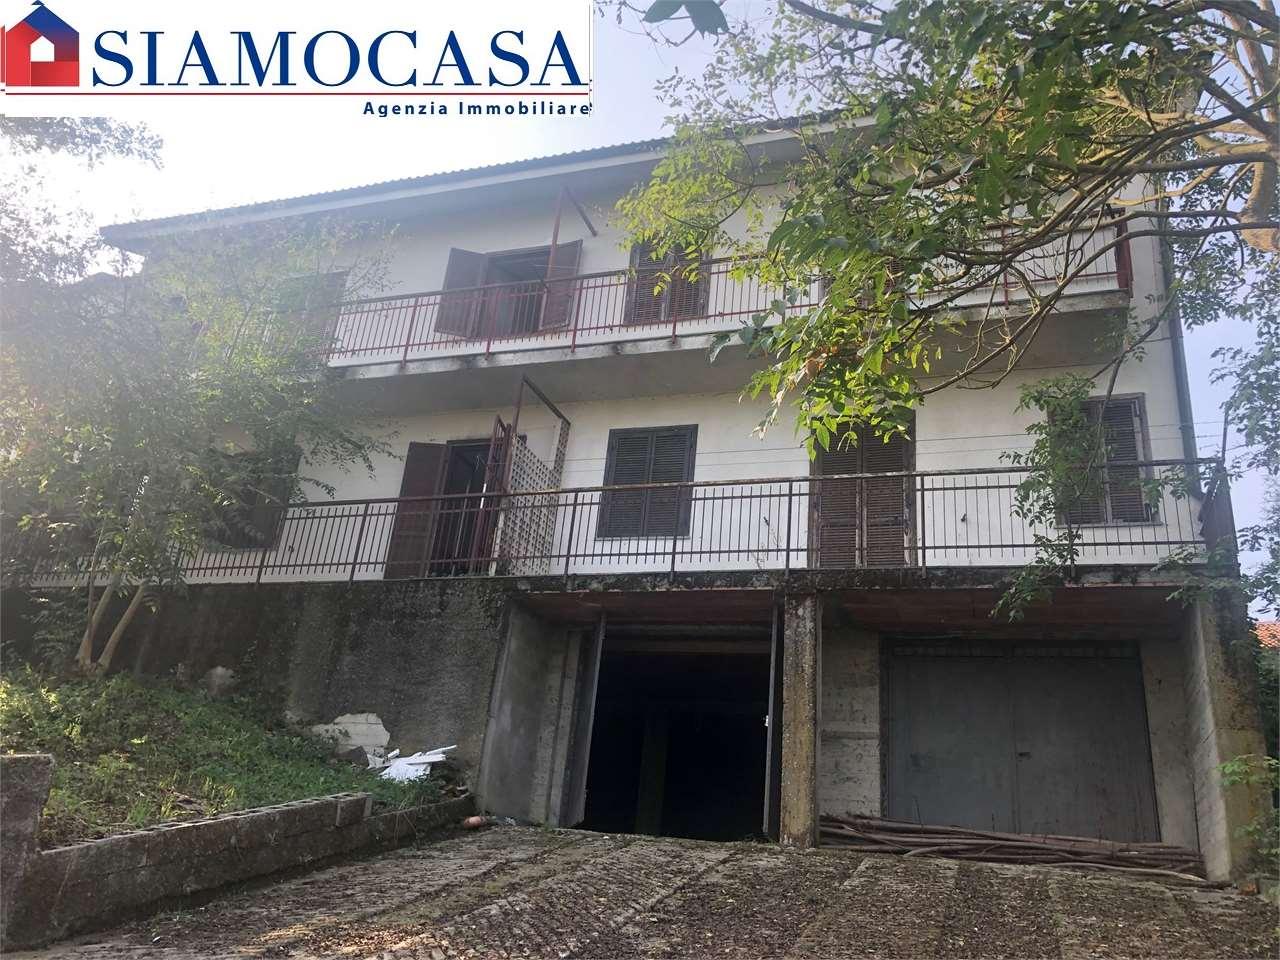 Soluzione Indipendente in vendita a Frascaro, 5 locali, prezzo € 155.000 | PortaleAgenzieImmobiliari.it